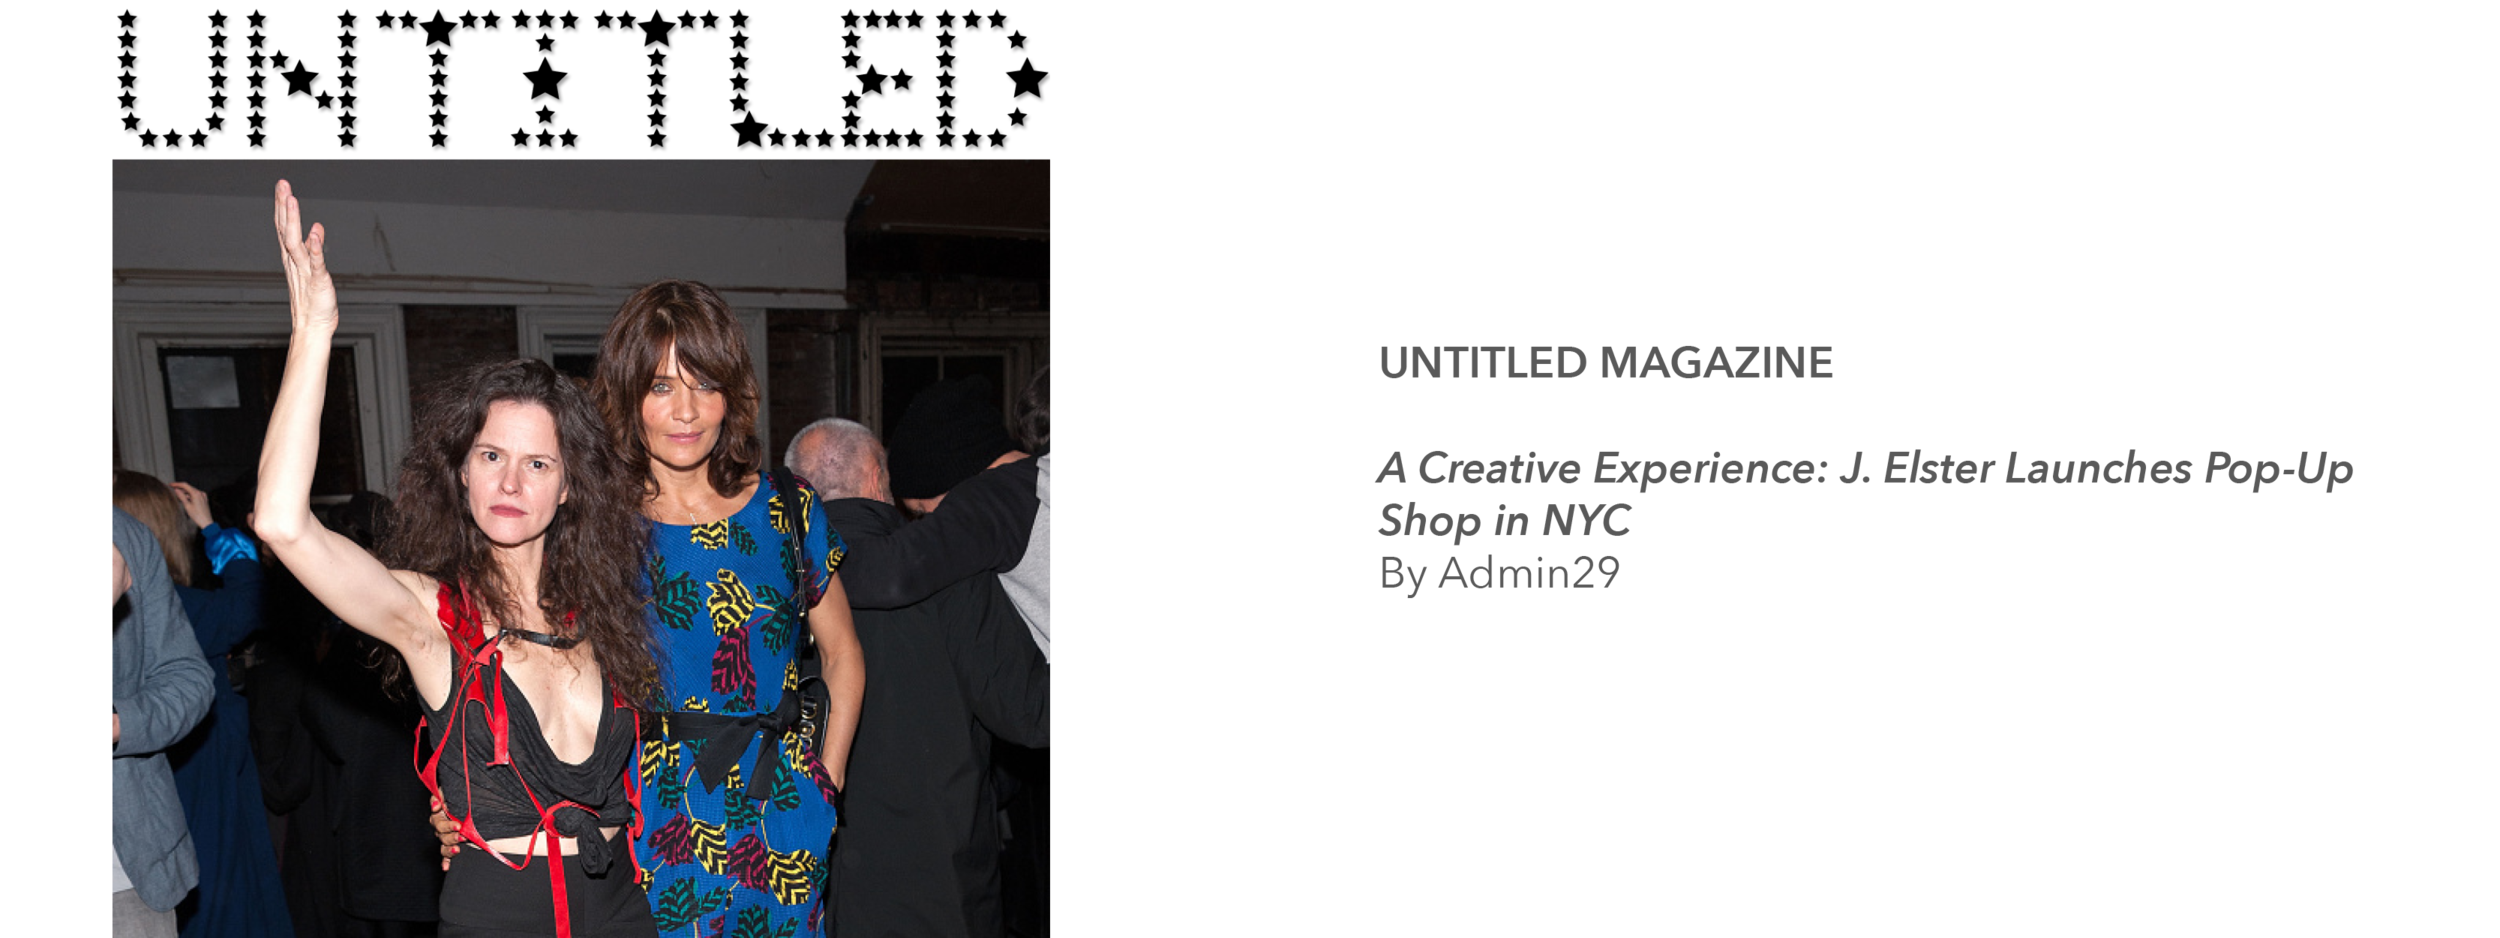 Untitled Magazine - Jennifer Elster J. ELSTER